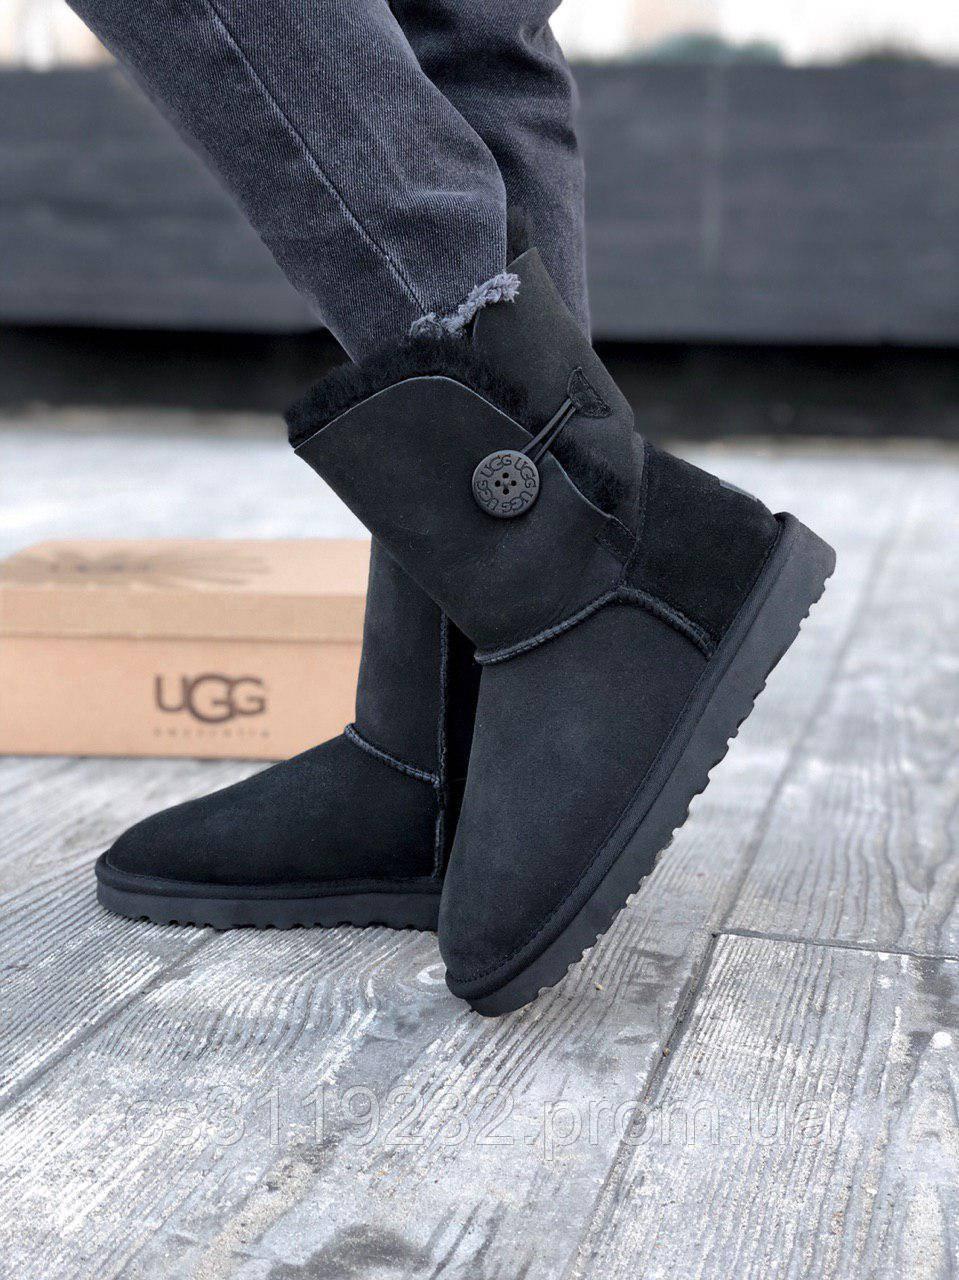 Женские сапоги зимние UGG Bailey Button 2 Black (черный)